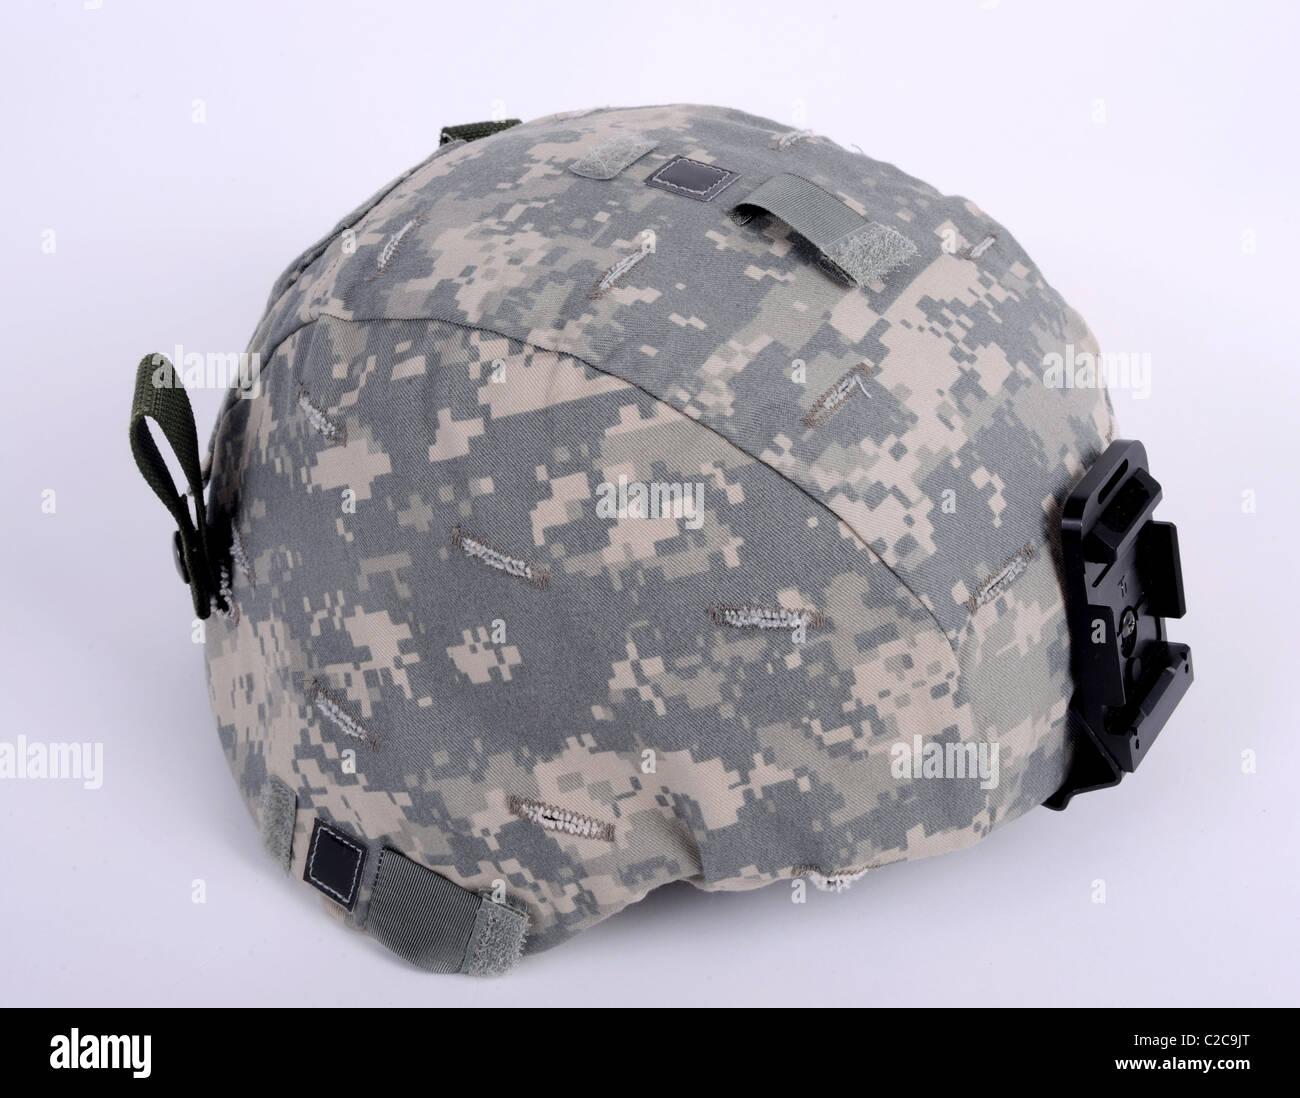 Xxi secolo casco, l'Americano ACH (Advanced Combat casco). Il casco viene indossato con la UCP camo coperchio. Immagini Stock